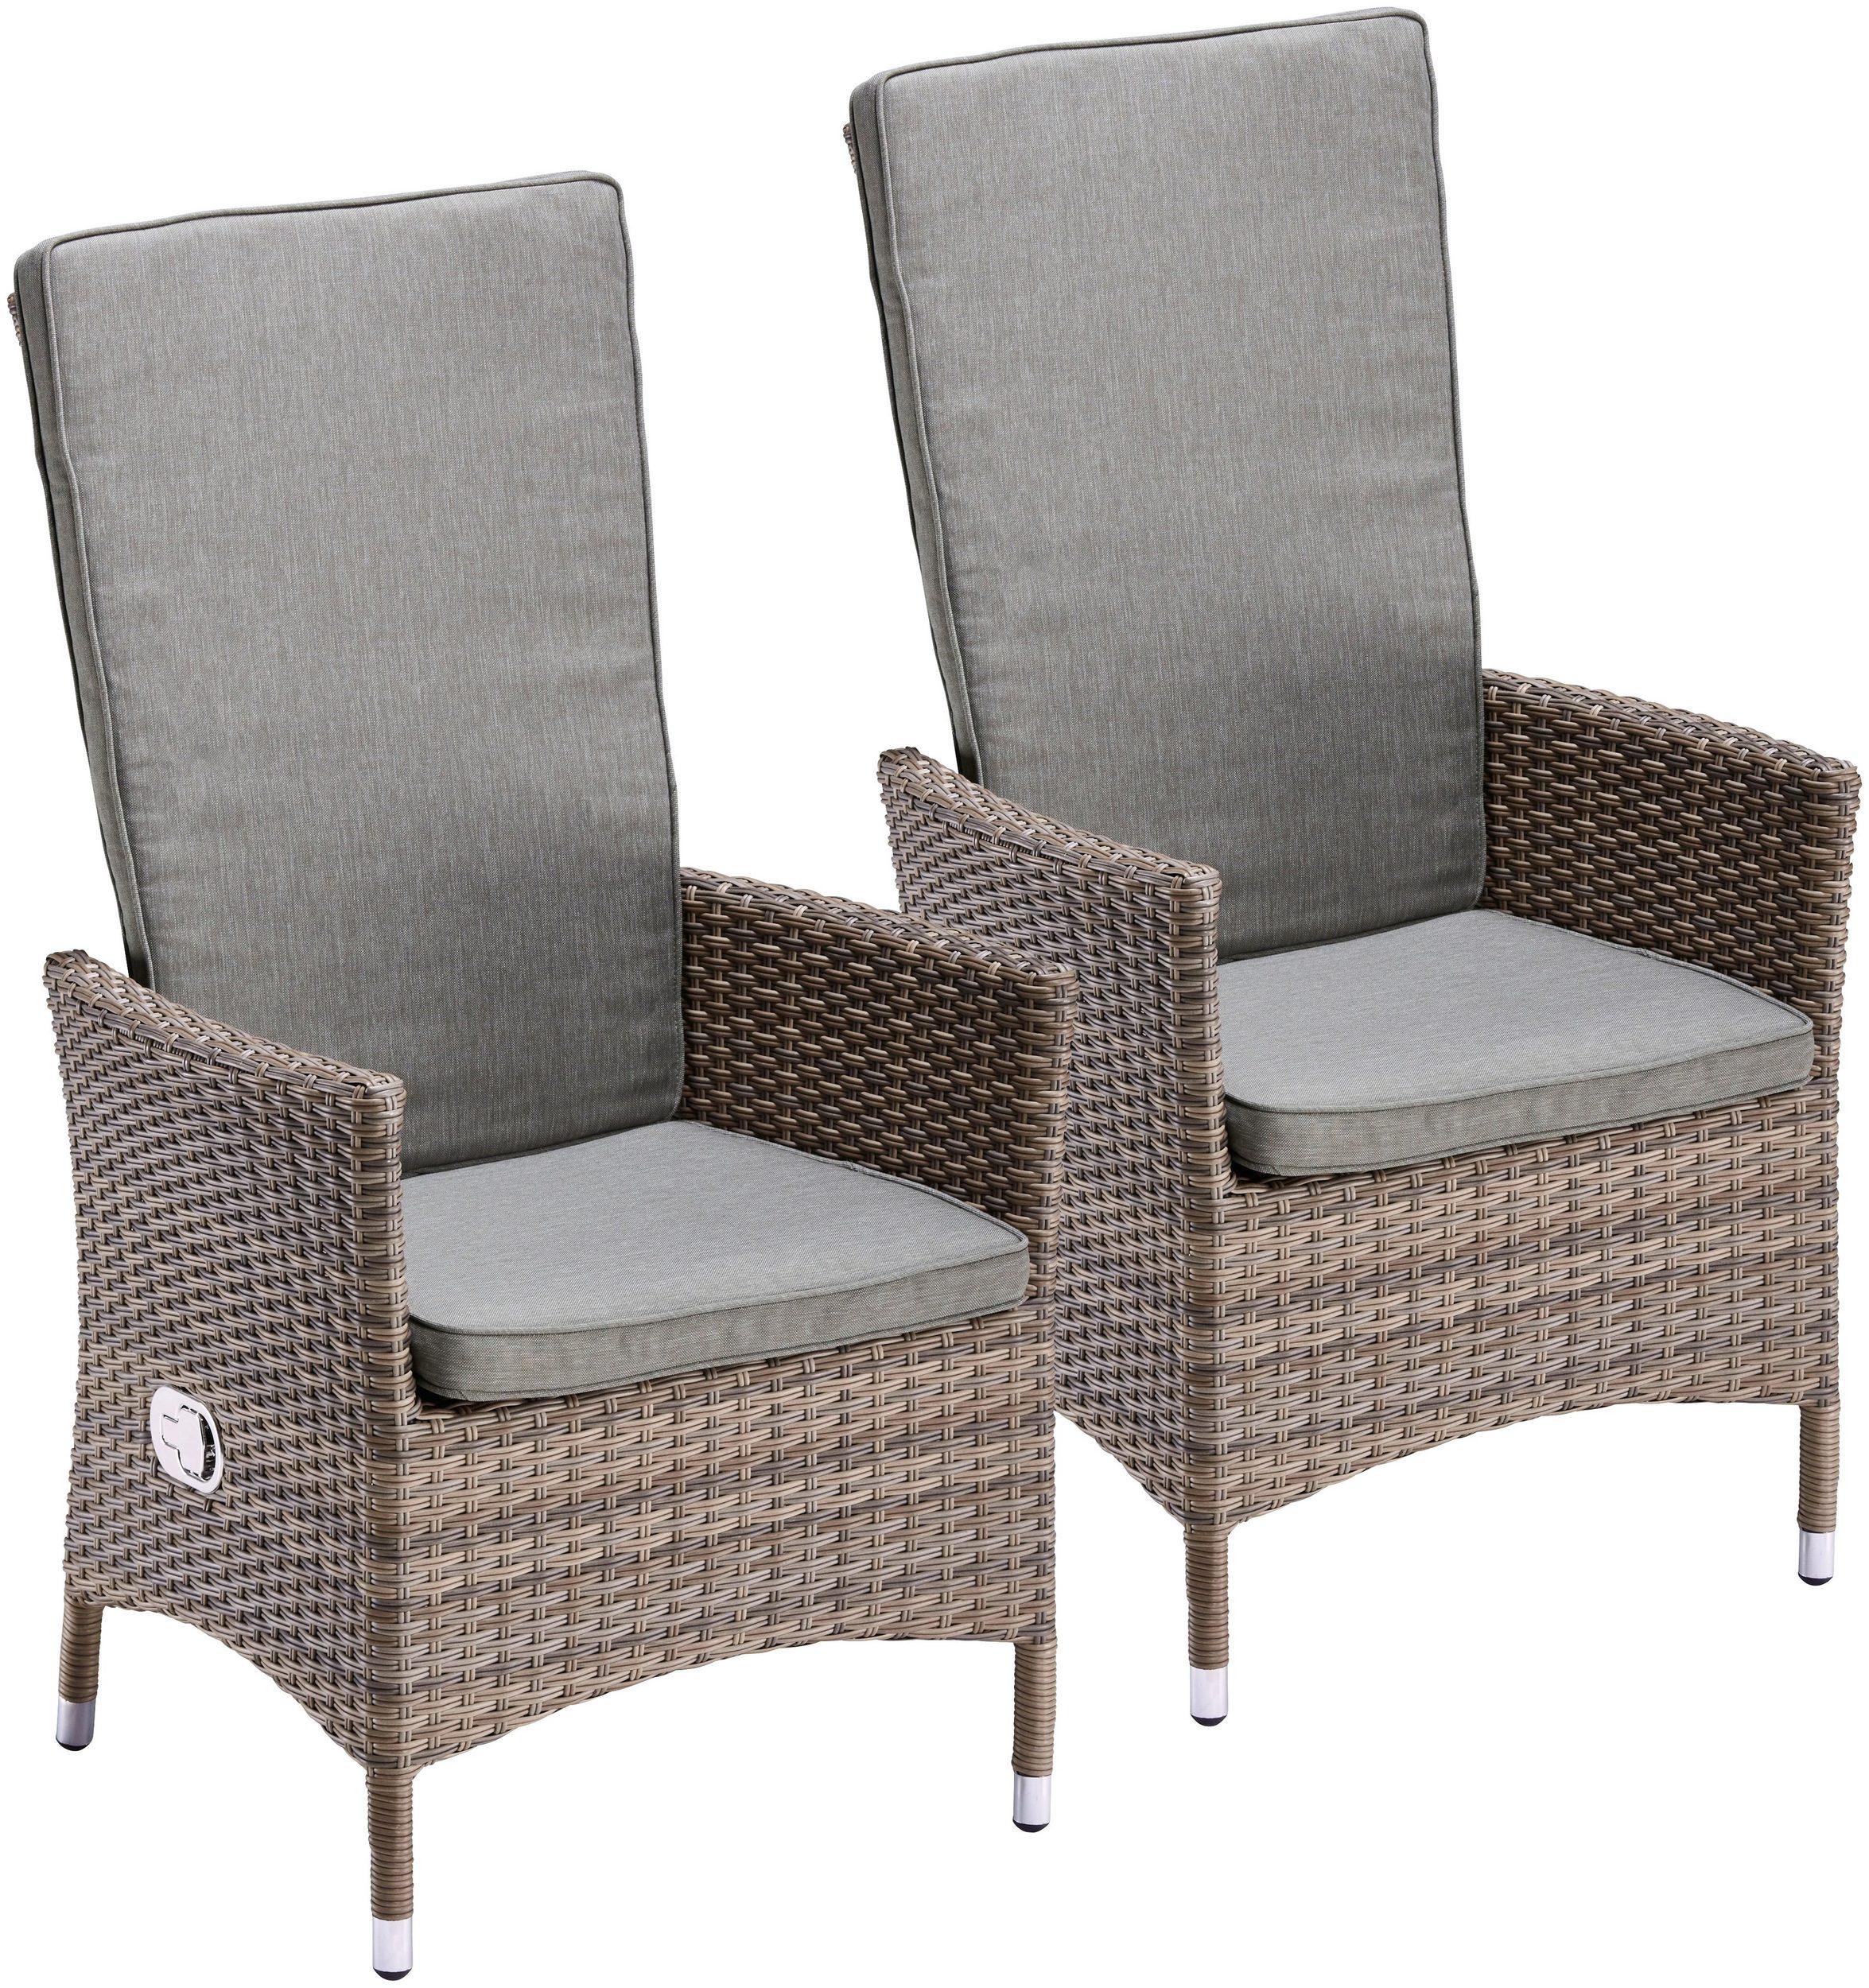 2 Gartenstühle Gartensessel Stuhl verstellbare Rückenlehne Polyrattan 7150247